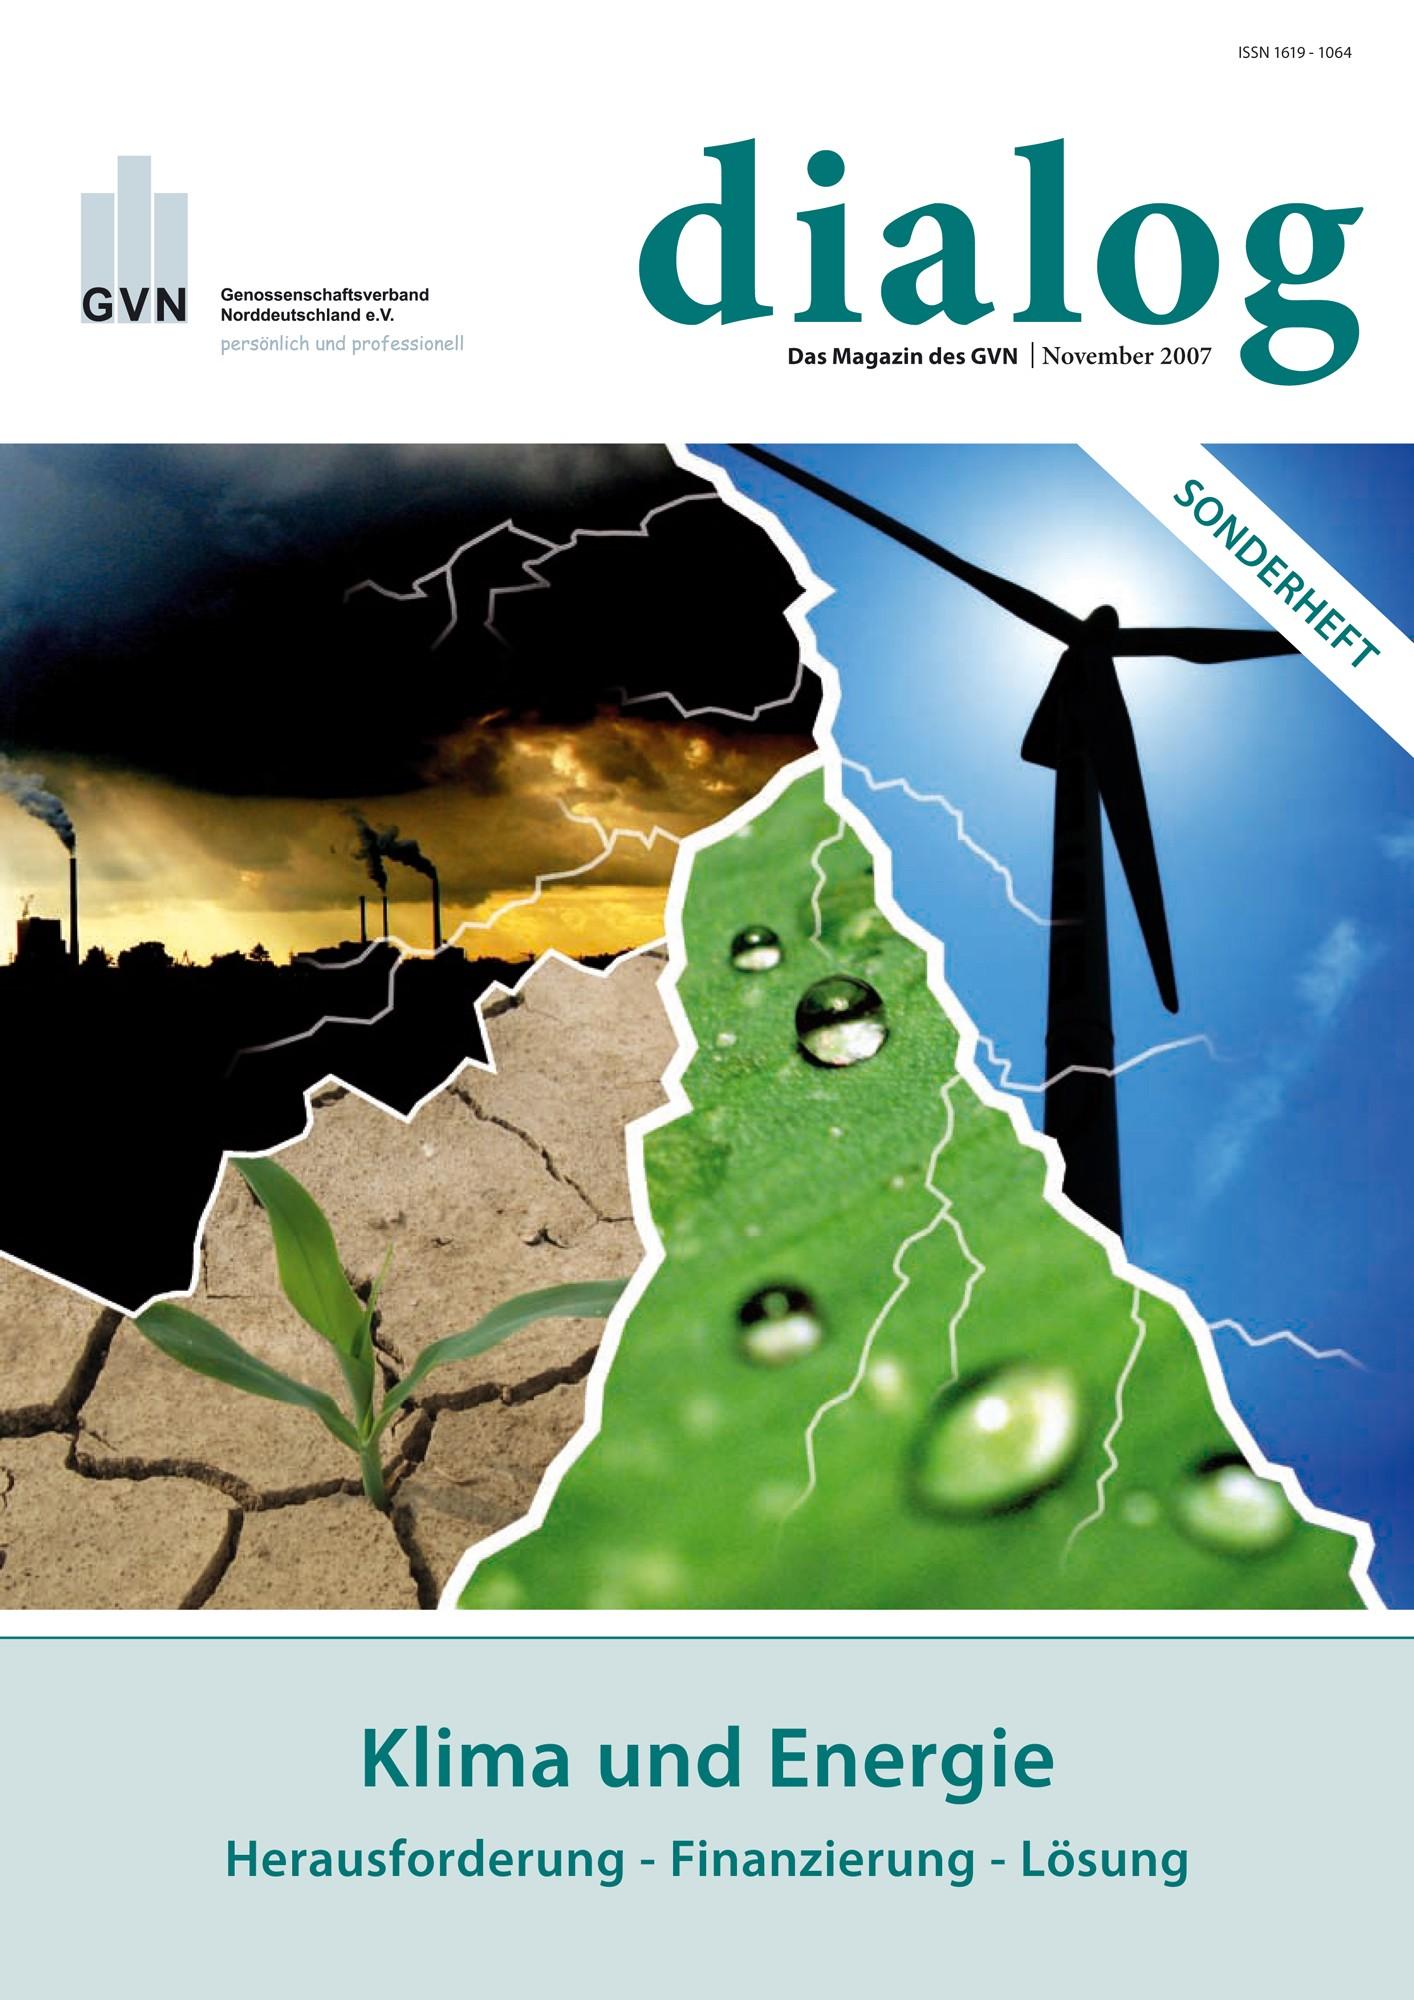 """Neues Sonderheft """"Klima und Energie"""""""